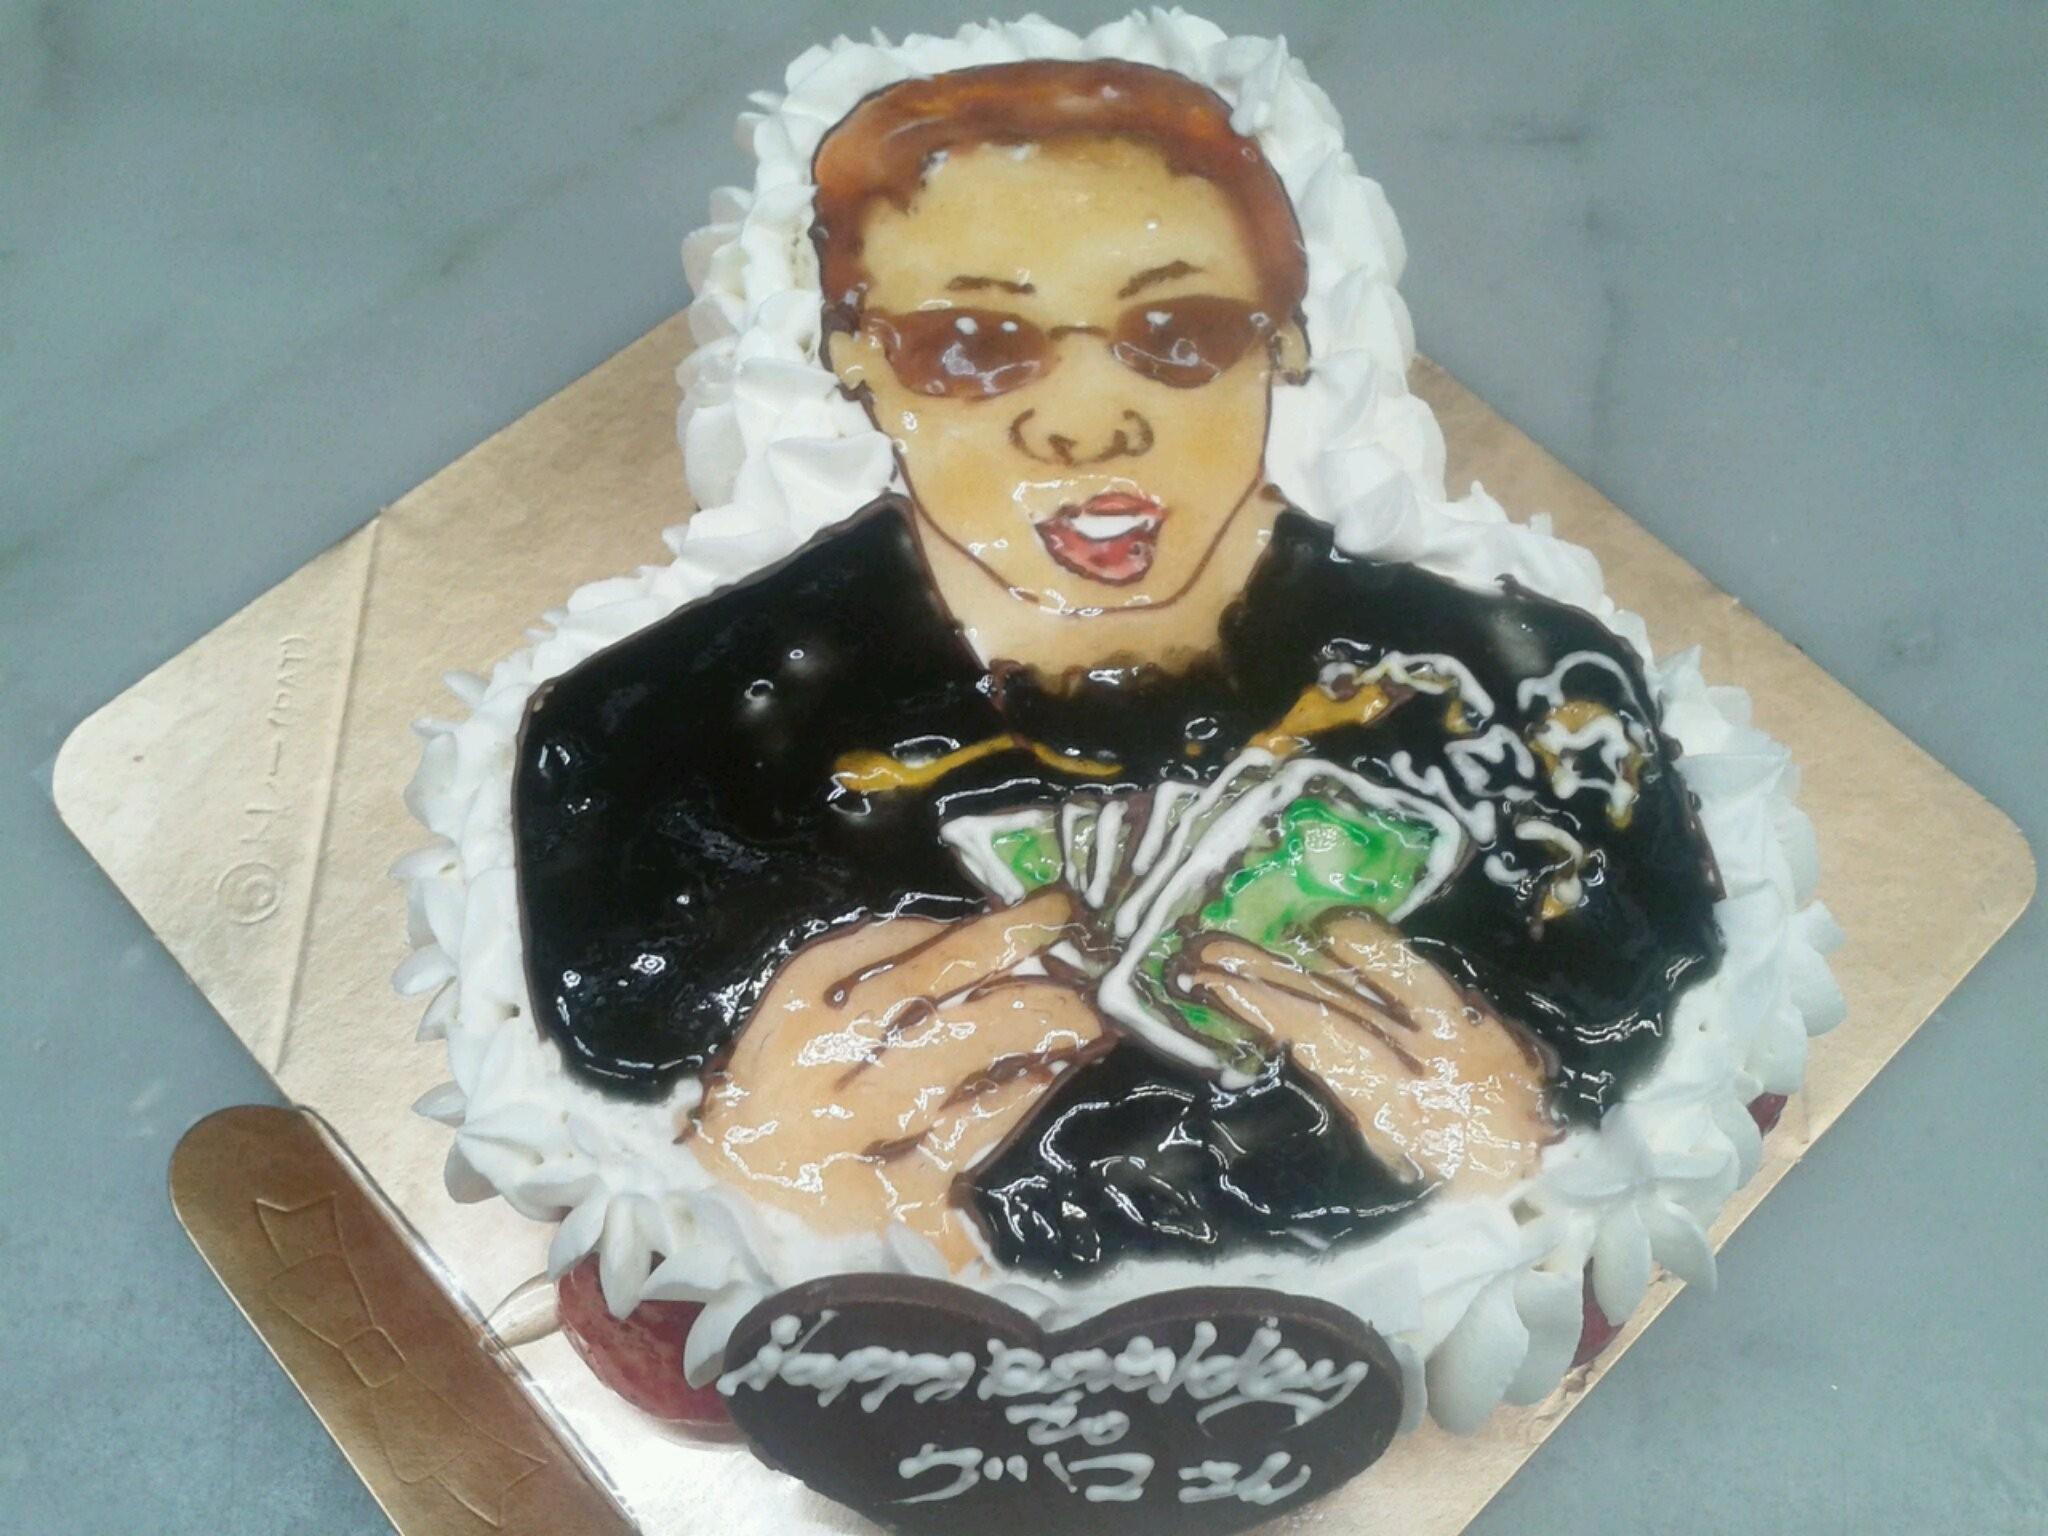 【京都市内 限定配送】【送料無料】パーティー用大型ケーキ イラストケーキ